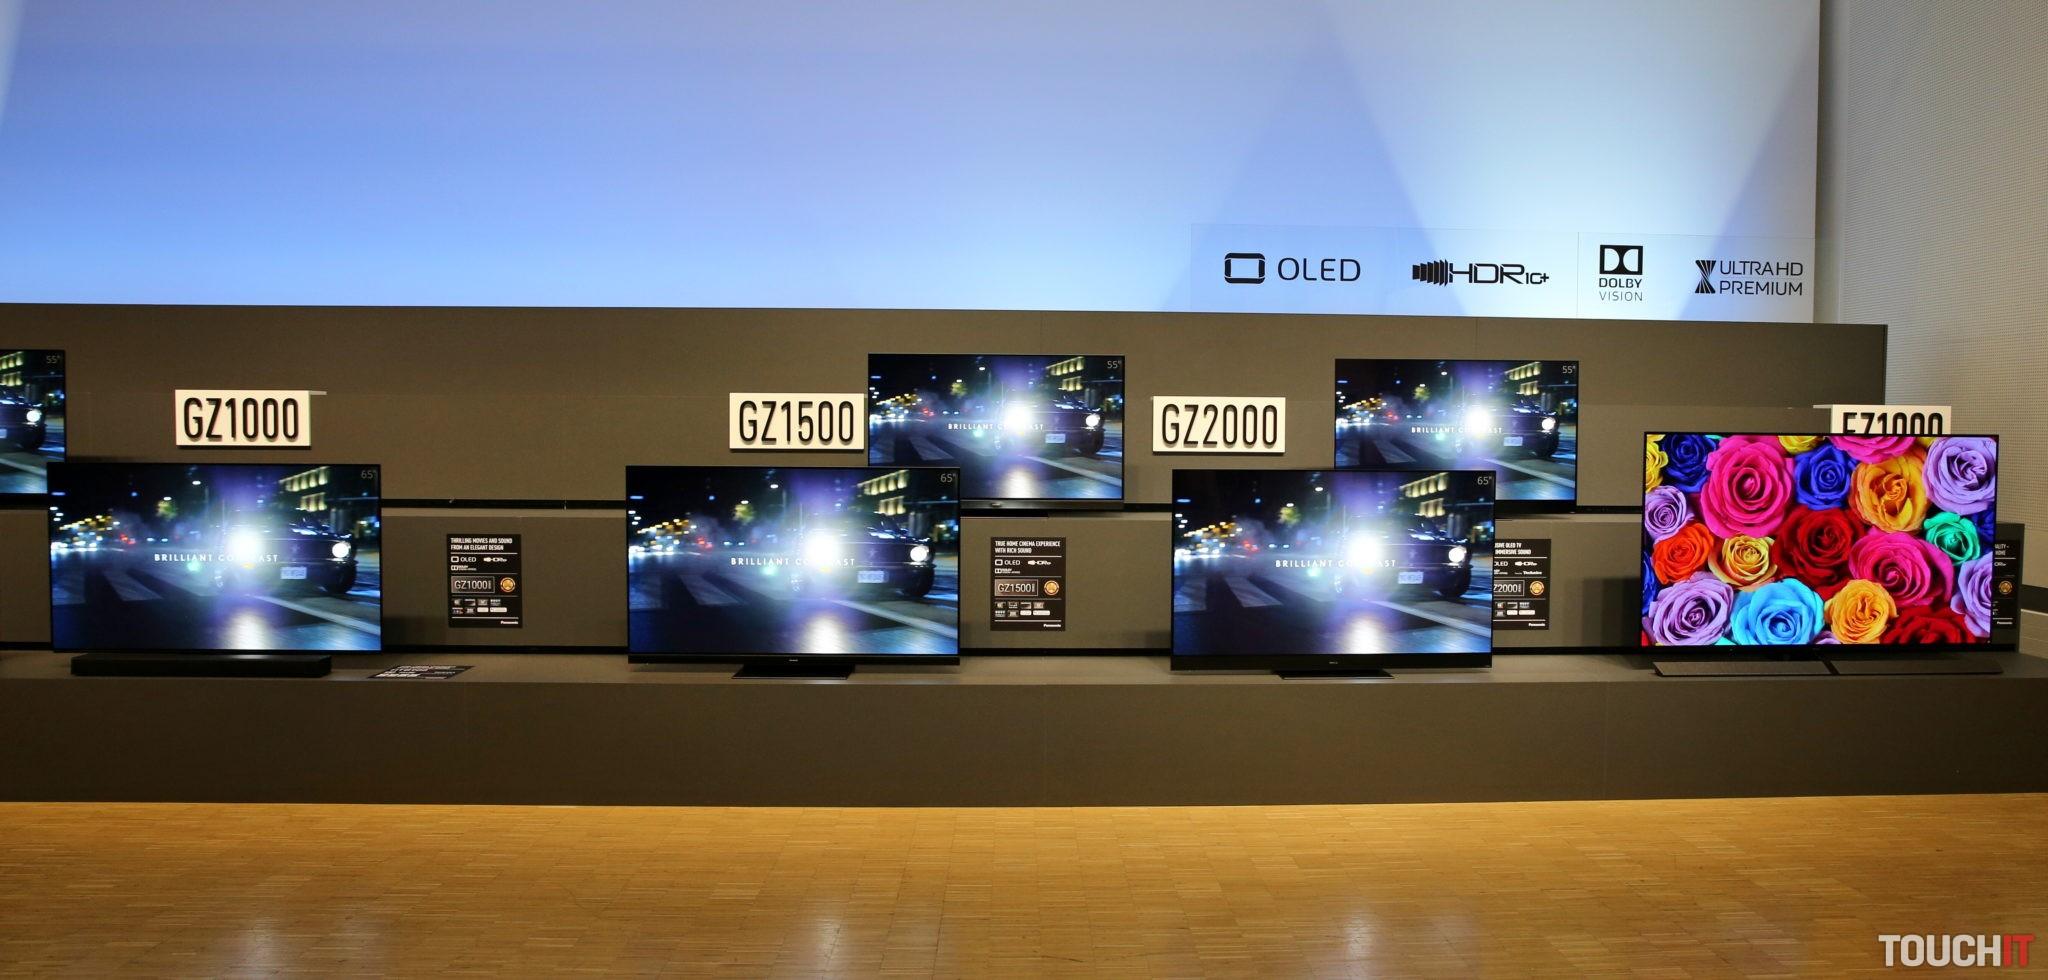 0b425ead4 Panasonic ukázal na Convention svoje rodinné striebro. Nové televízory  prídu aj na Slovensko. V čom je ich výhoda?